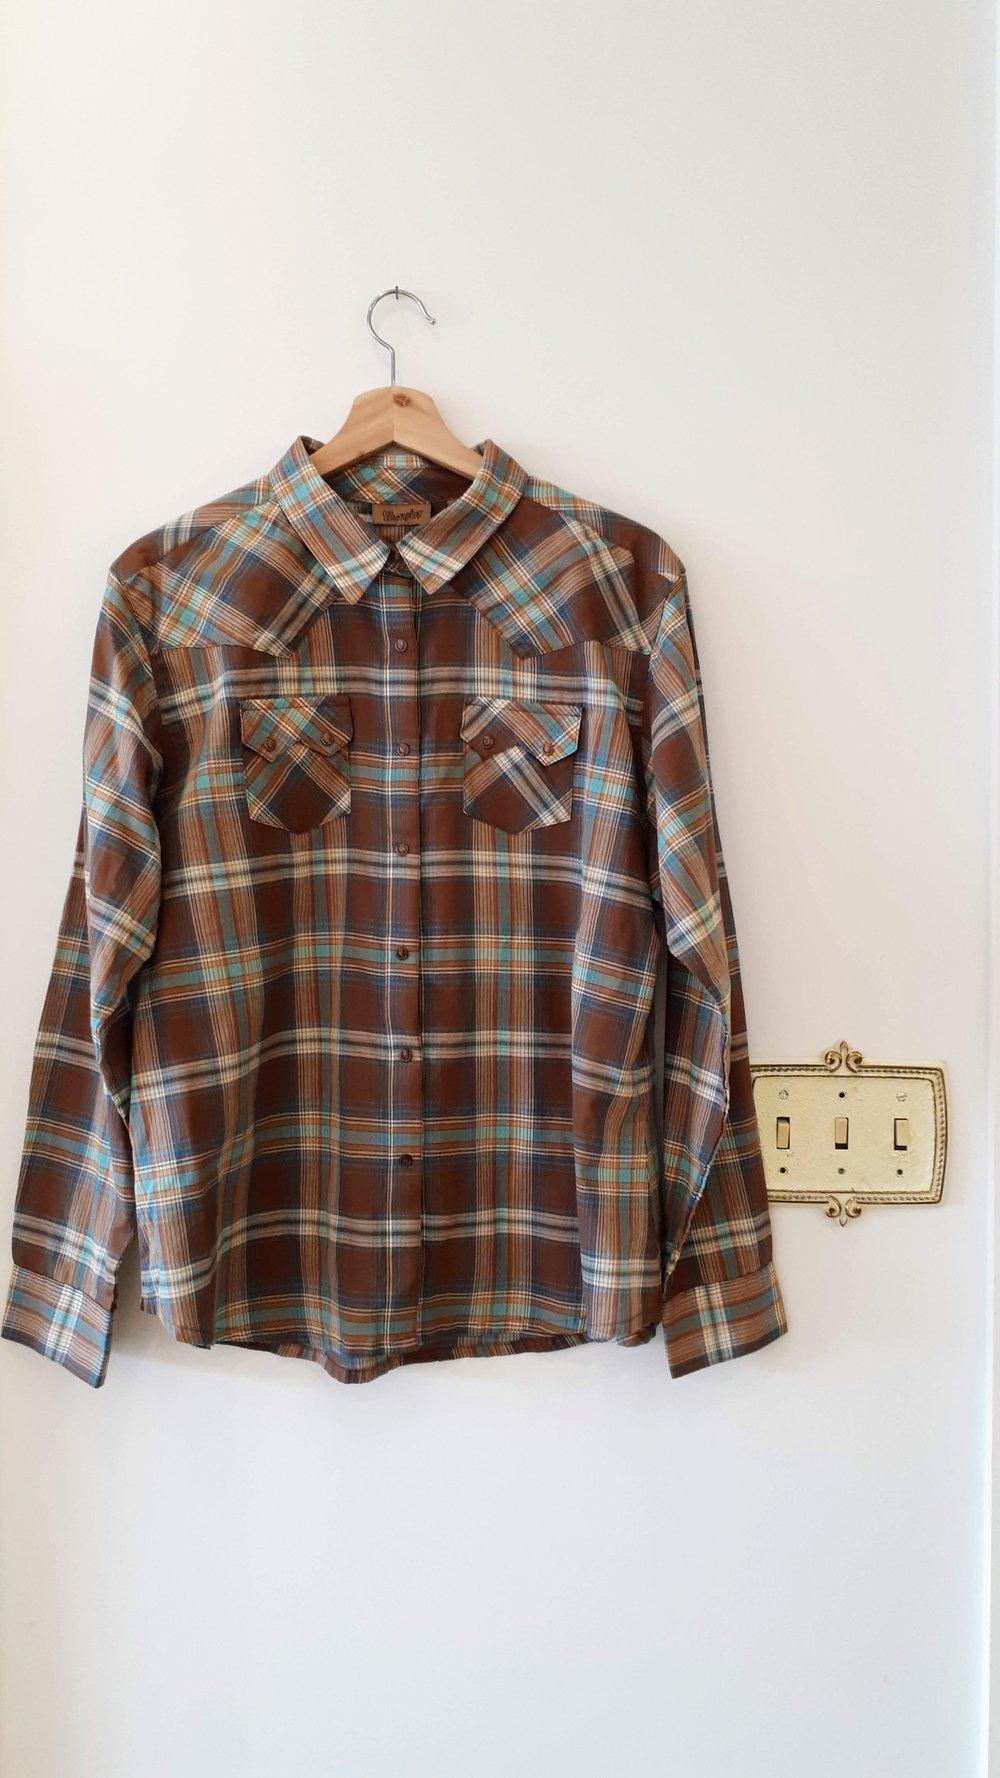 Wrangler top; Size XL, $20